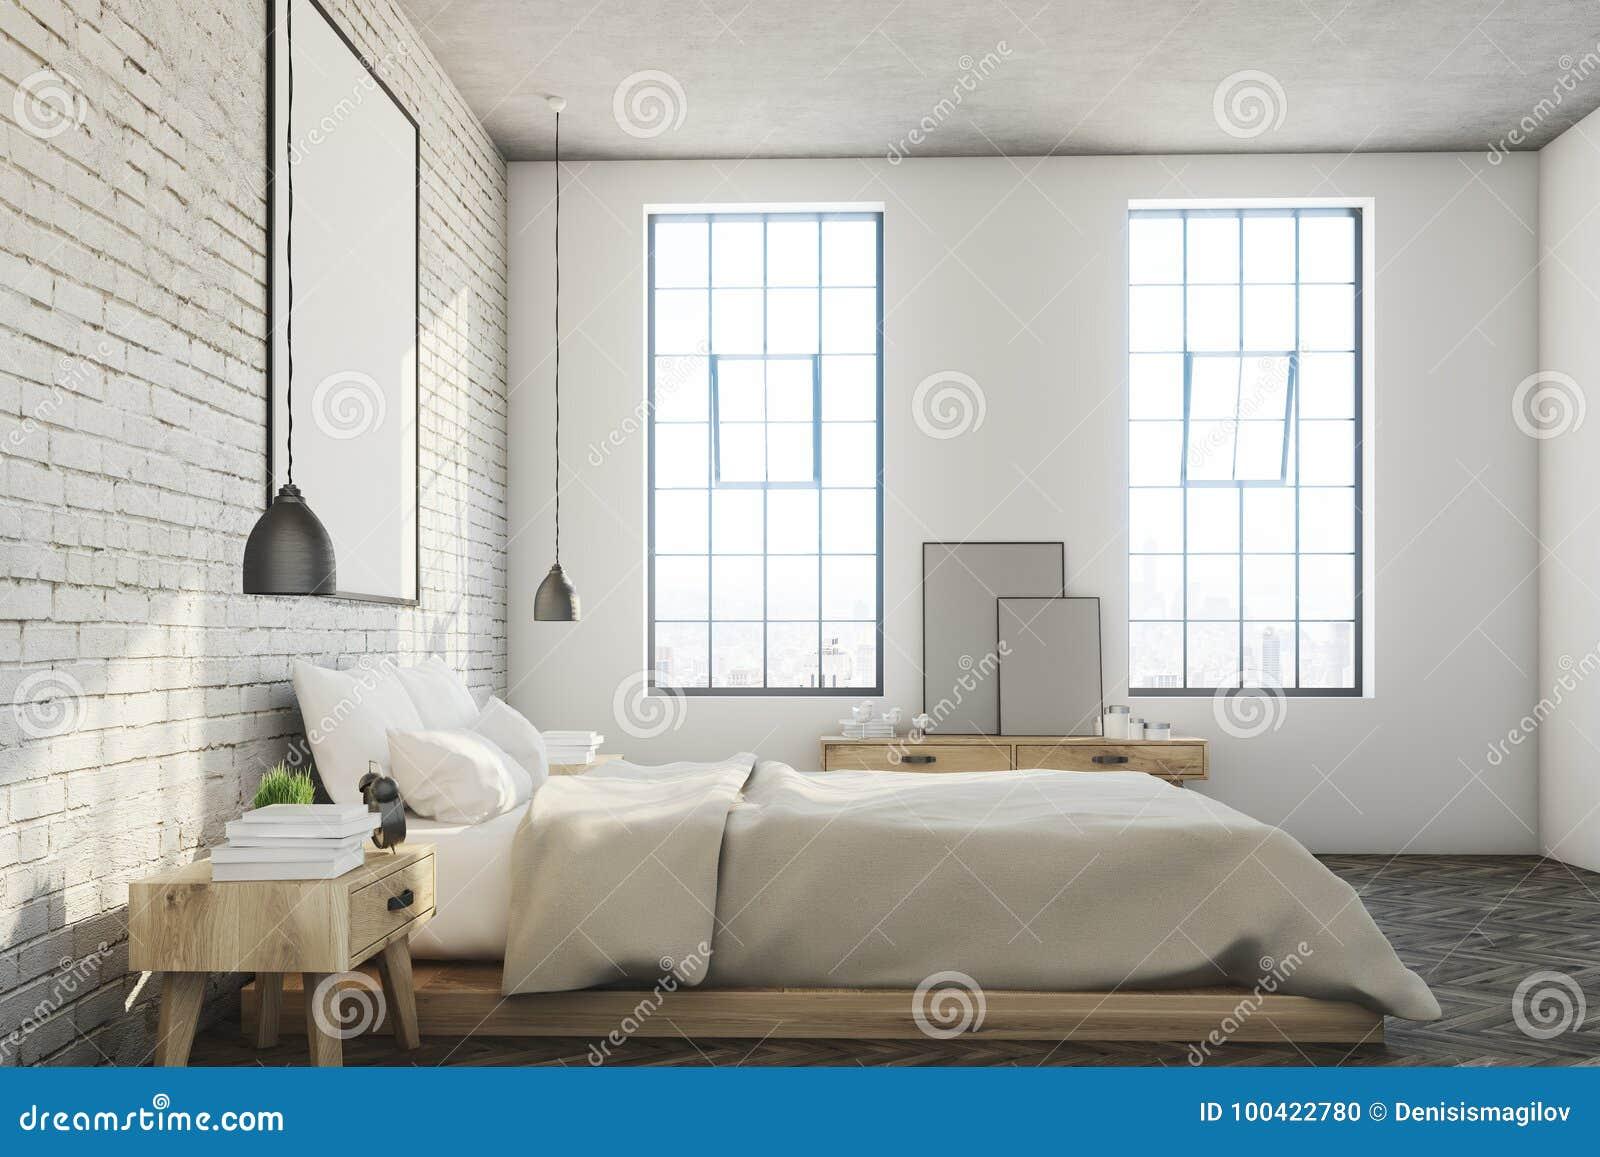 Chambre A Coucher Blanche De Brique Affiche Cote Illustration